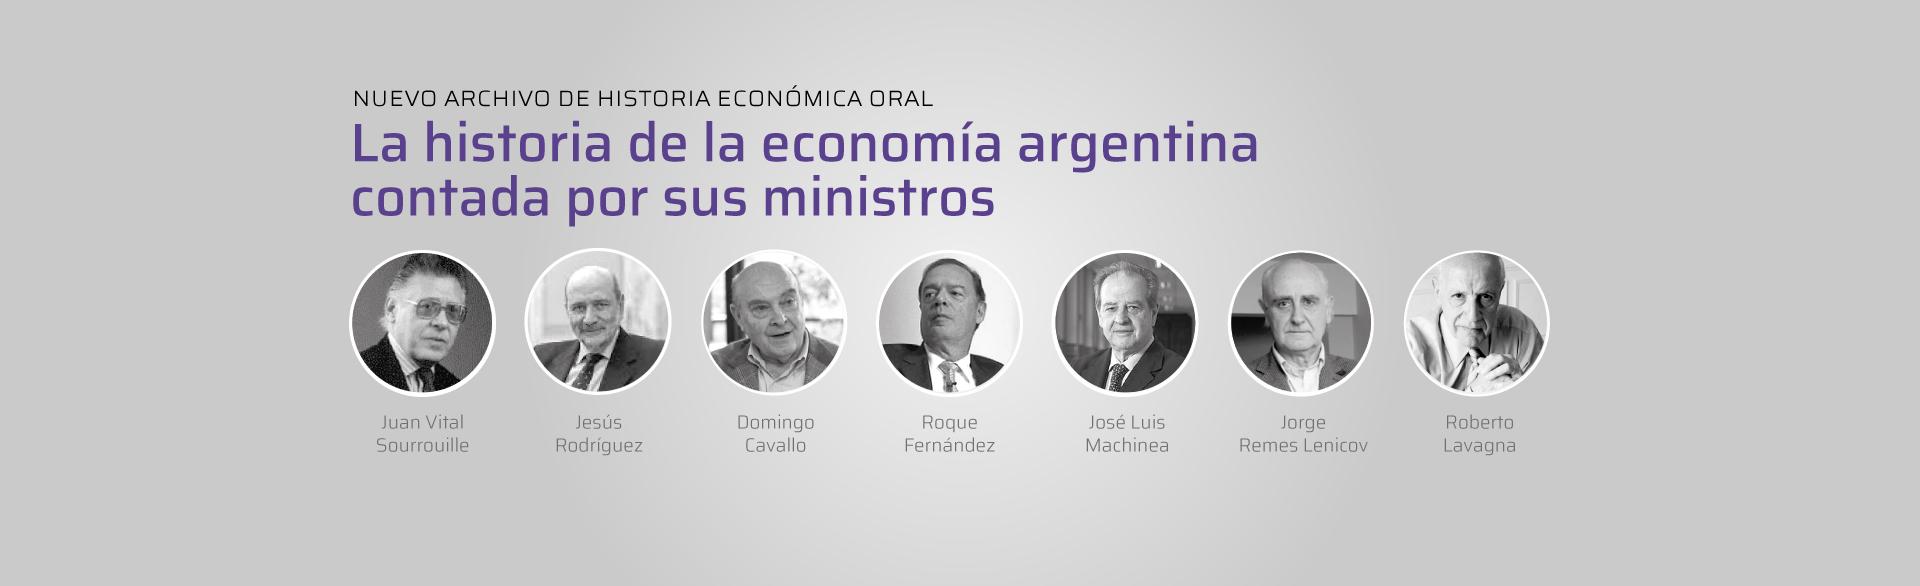 La historia de la economía argentina contada por sus ministros